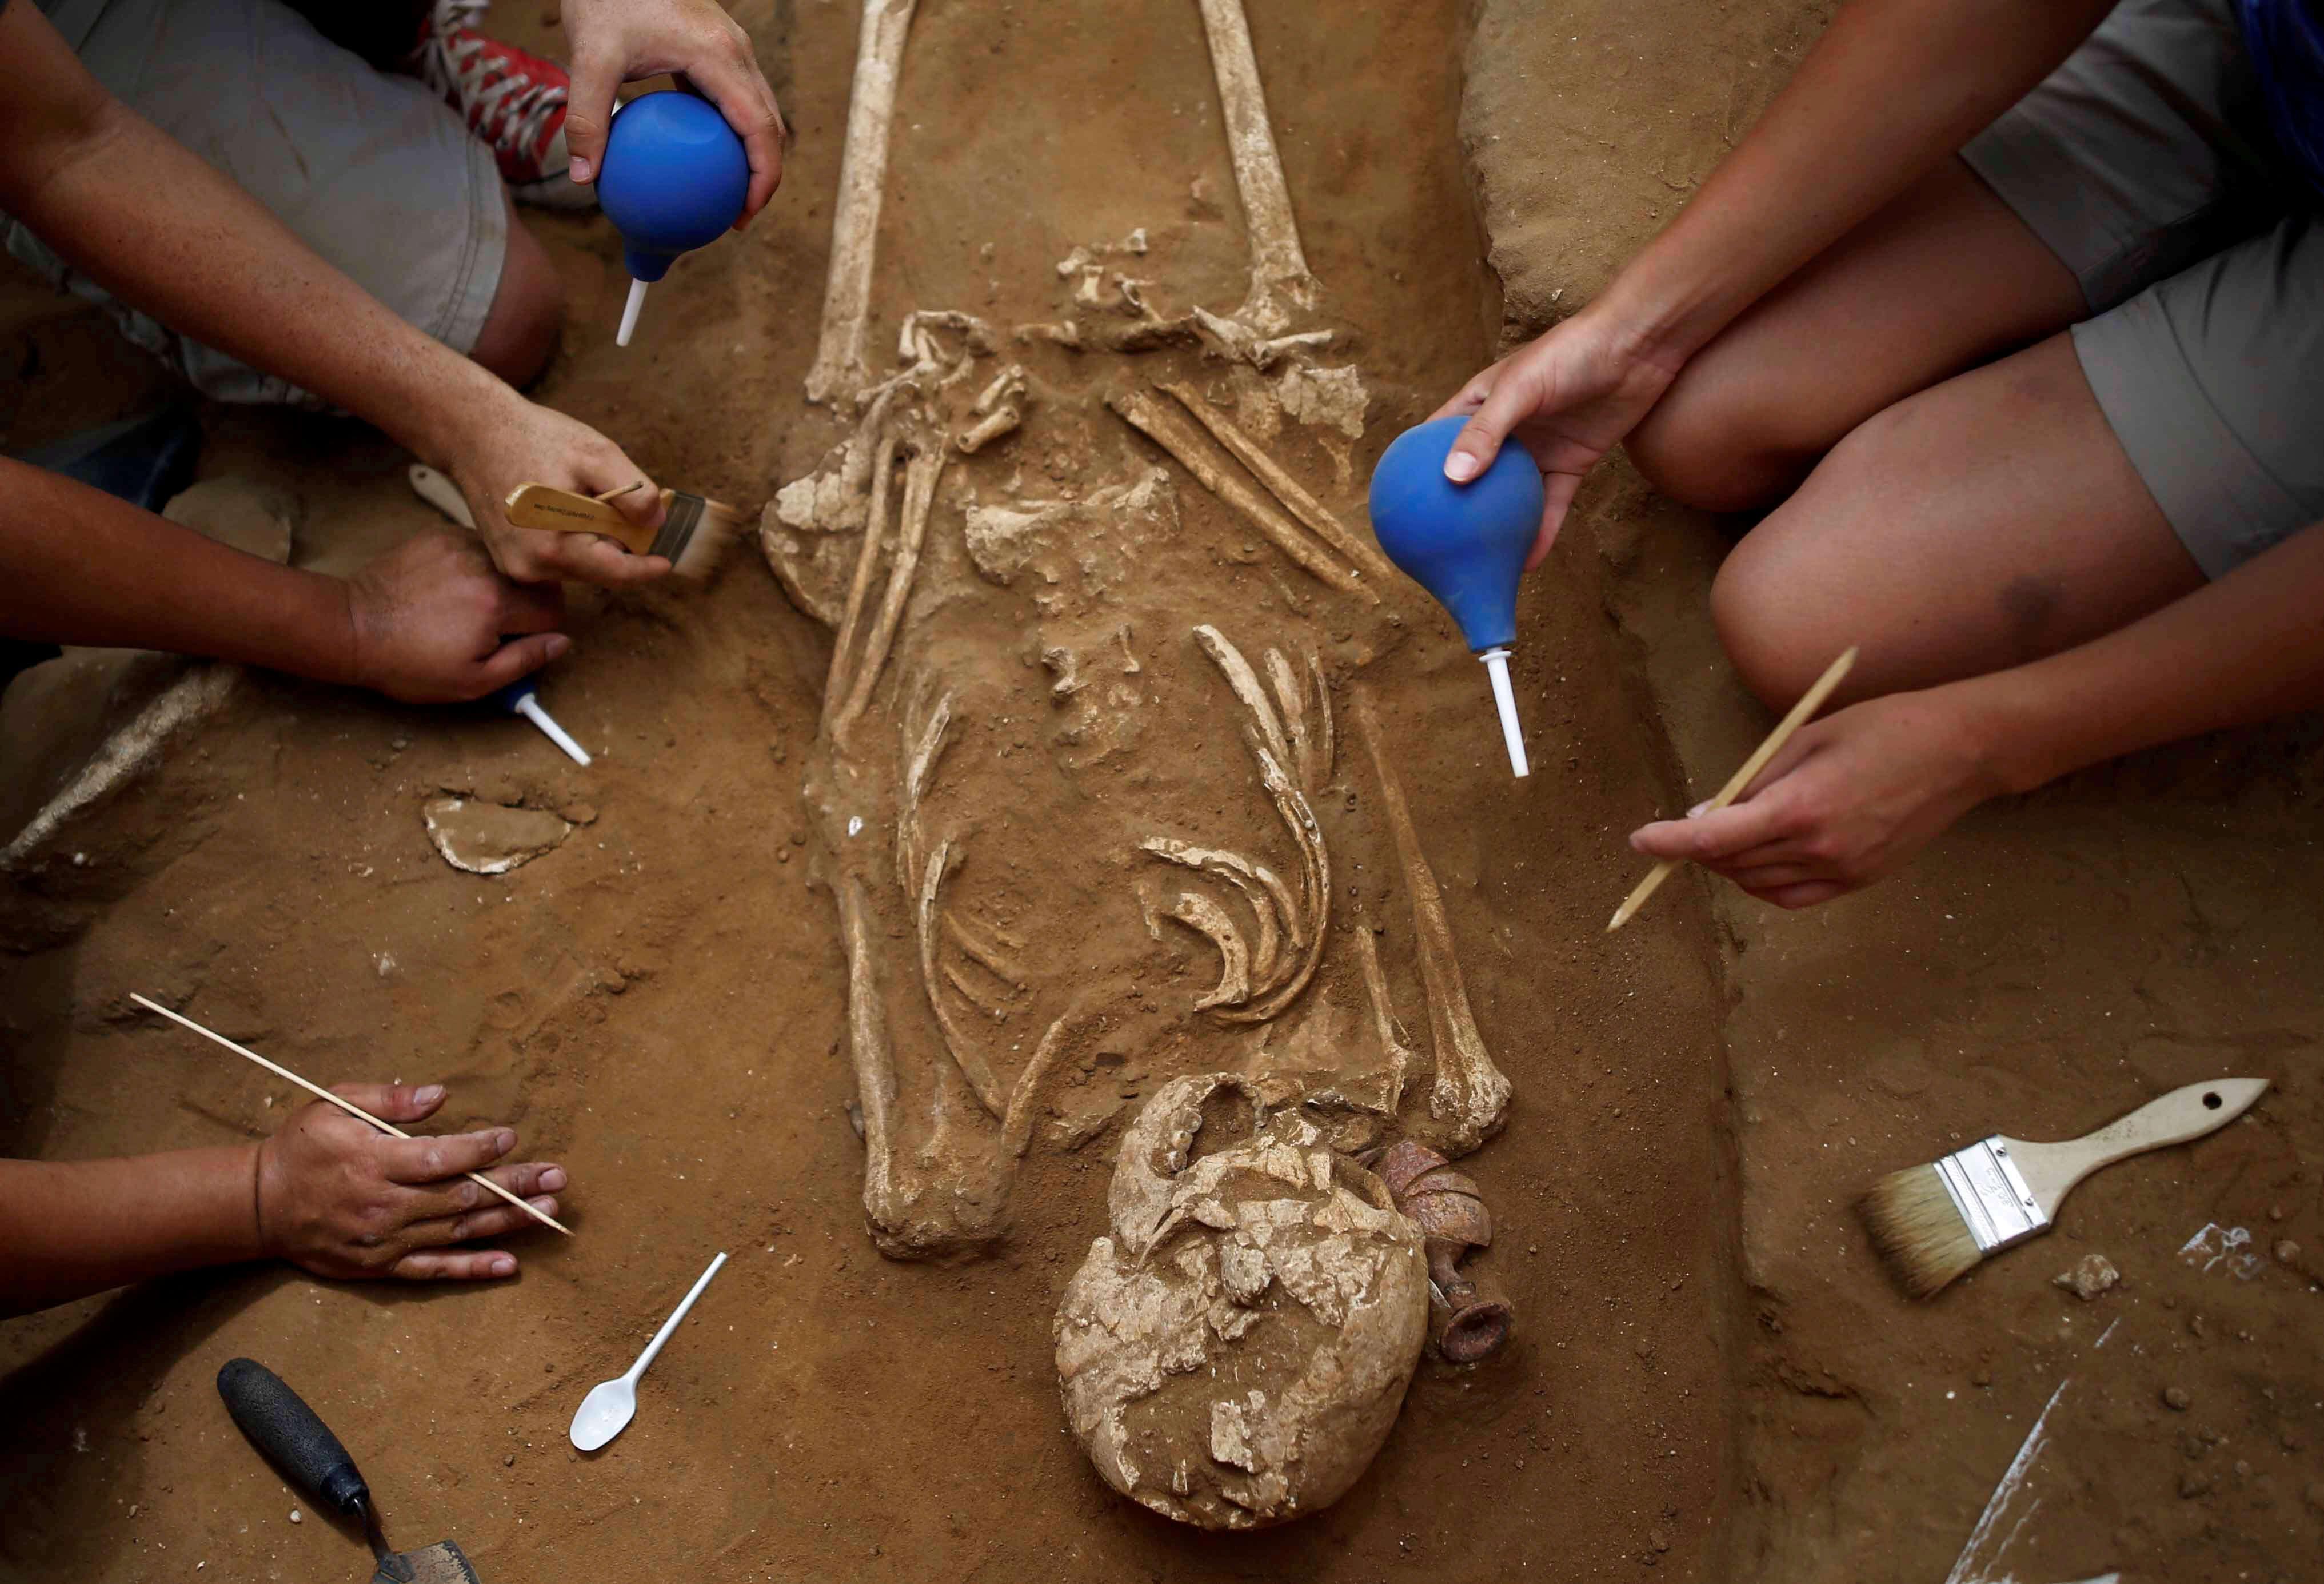 Οι Φιλισταίοι (μπορεί να) ήταν Έλληνες! Το DNA… μίλησε!